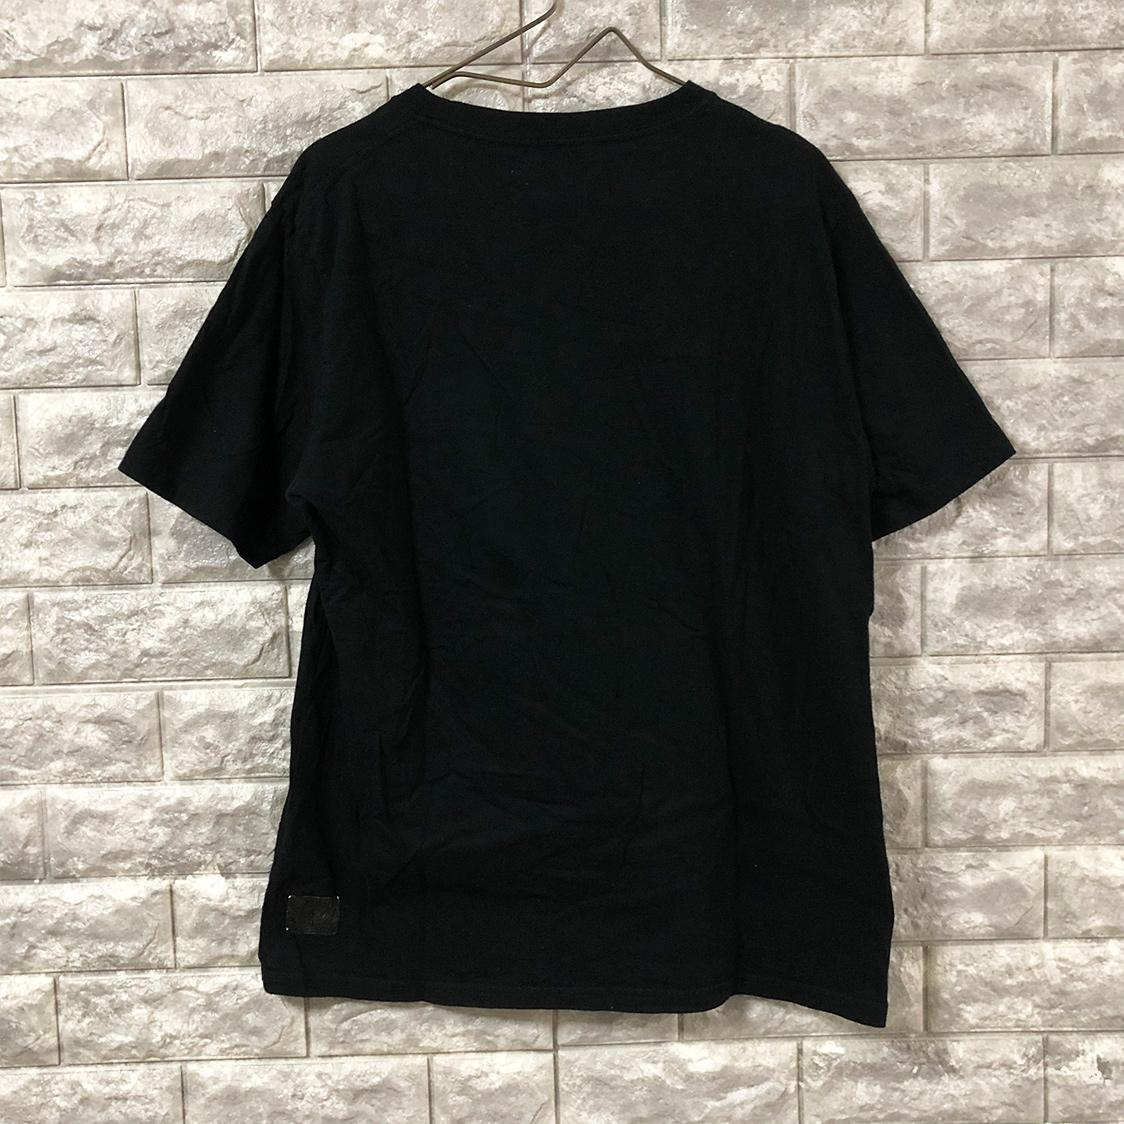 the POOL Aoyama ザ プール アオヤマ Tシャツ サイズM 半袖 カットソー ロゴ ブラック フラグメント 藤原ヒロシ